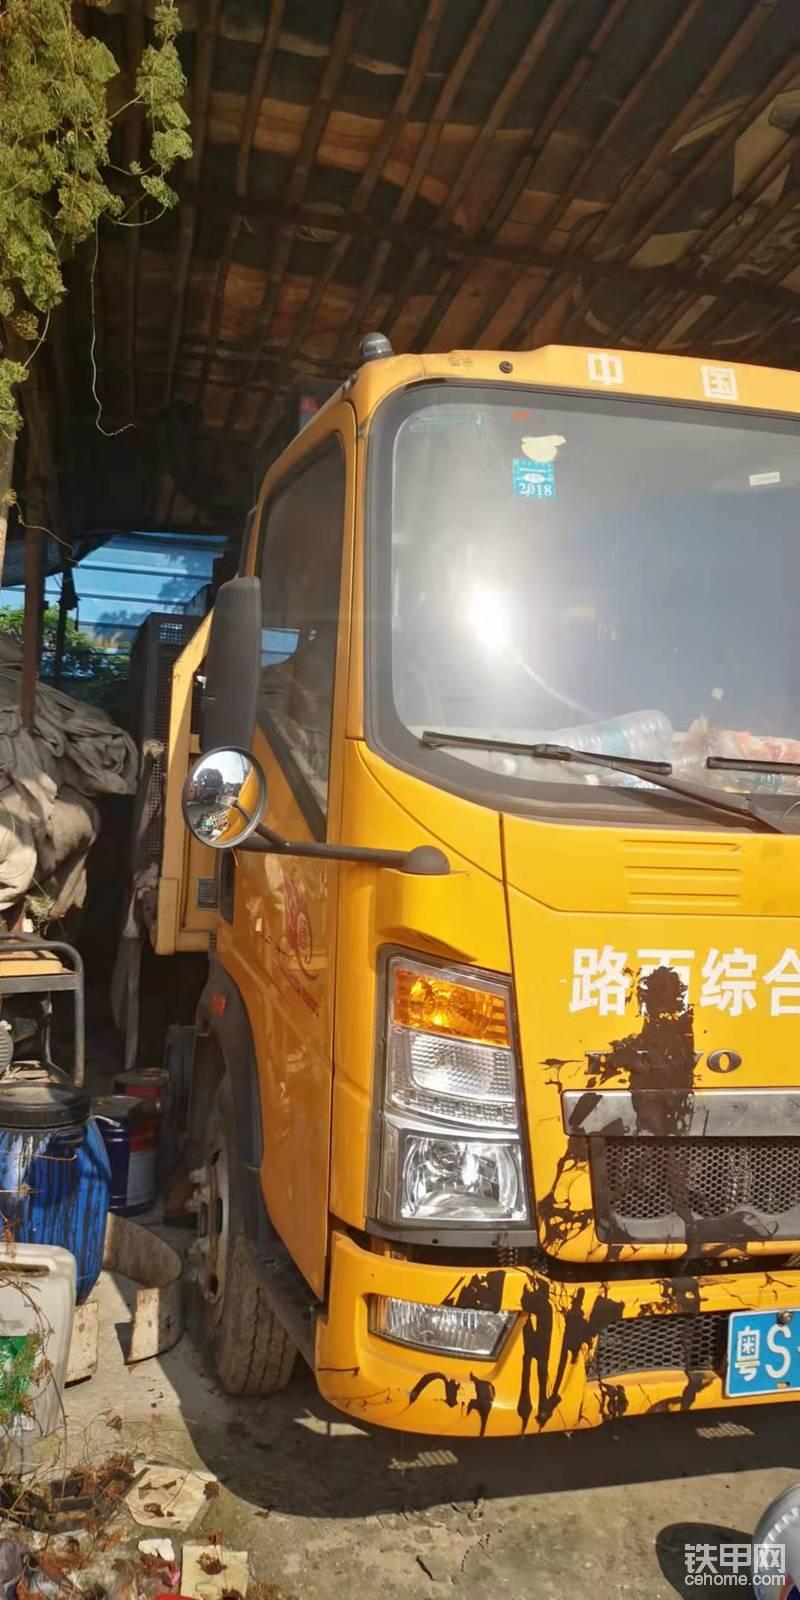 出售路面綜合養護車-帖子圖片